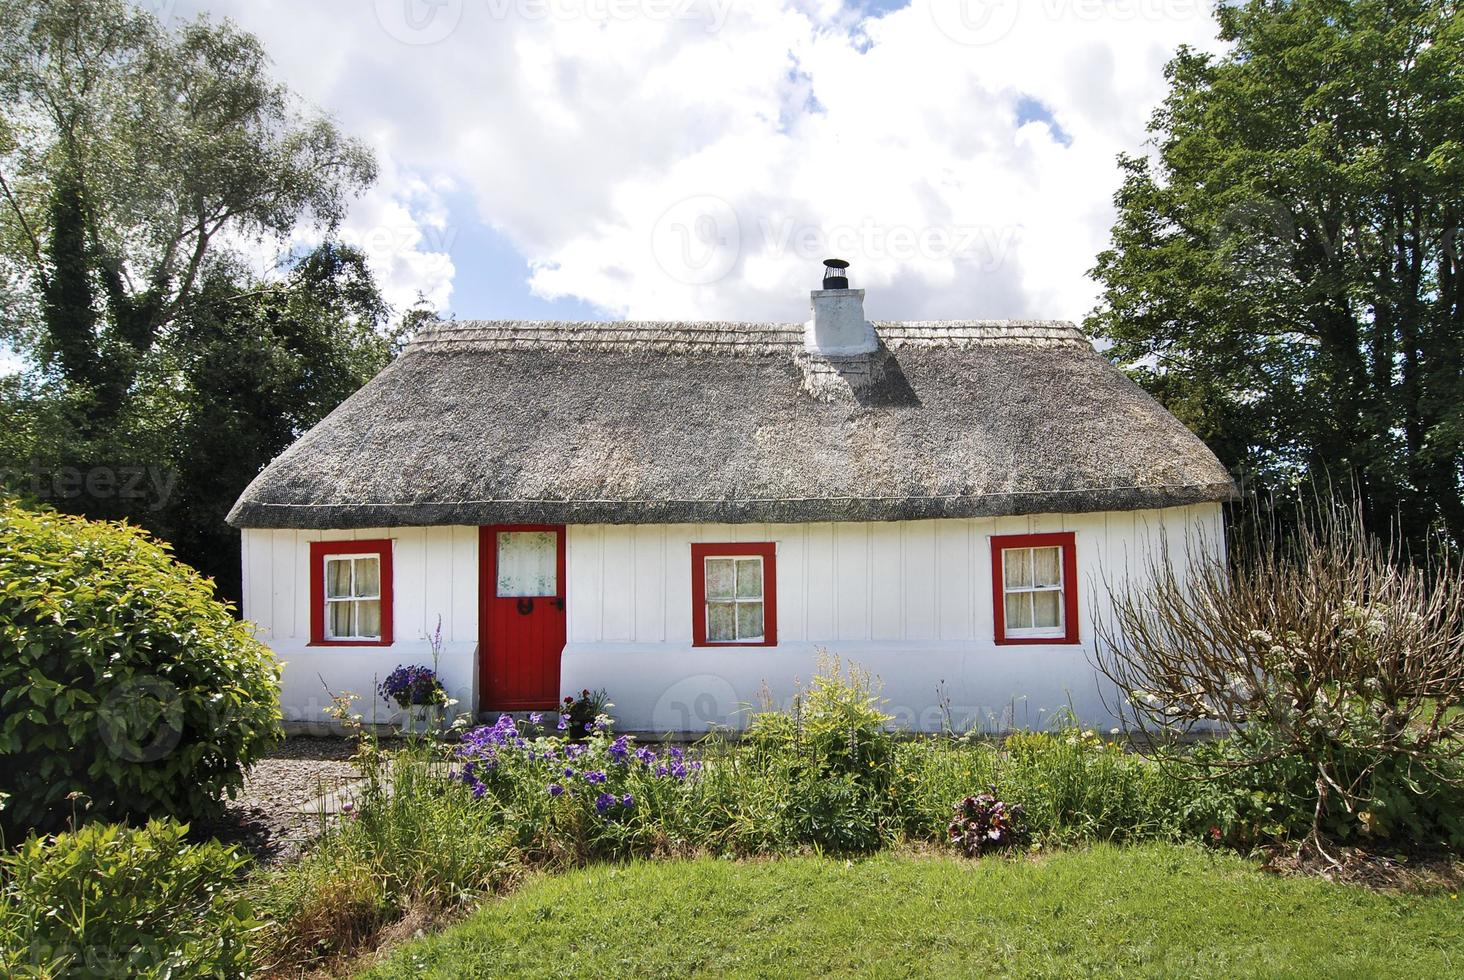 cottage irlandese con tetto in paglia di paglia e giardino lussureggiante foto